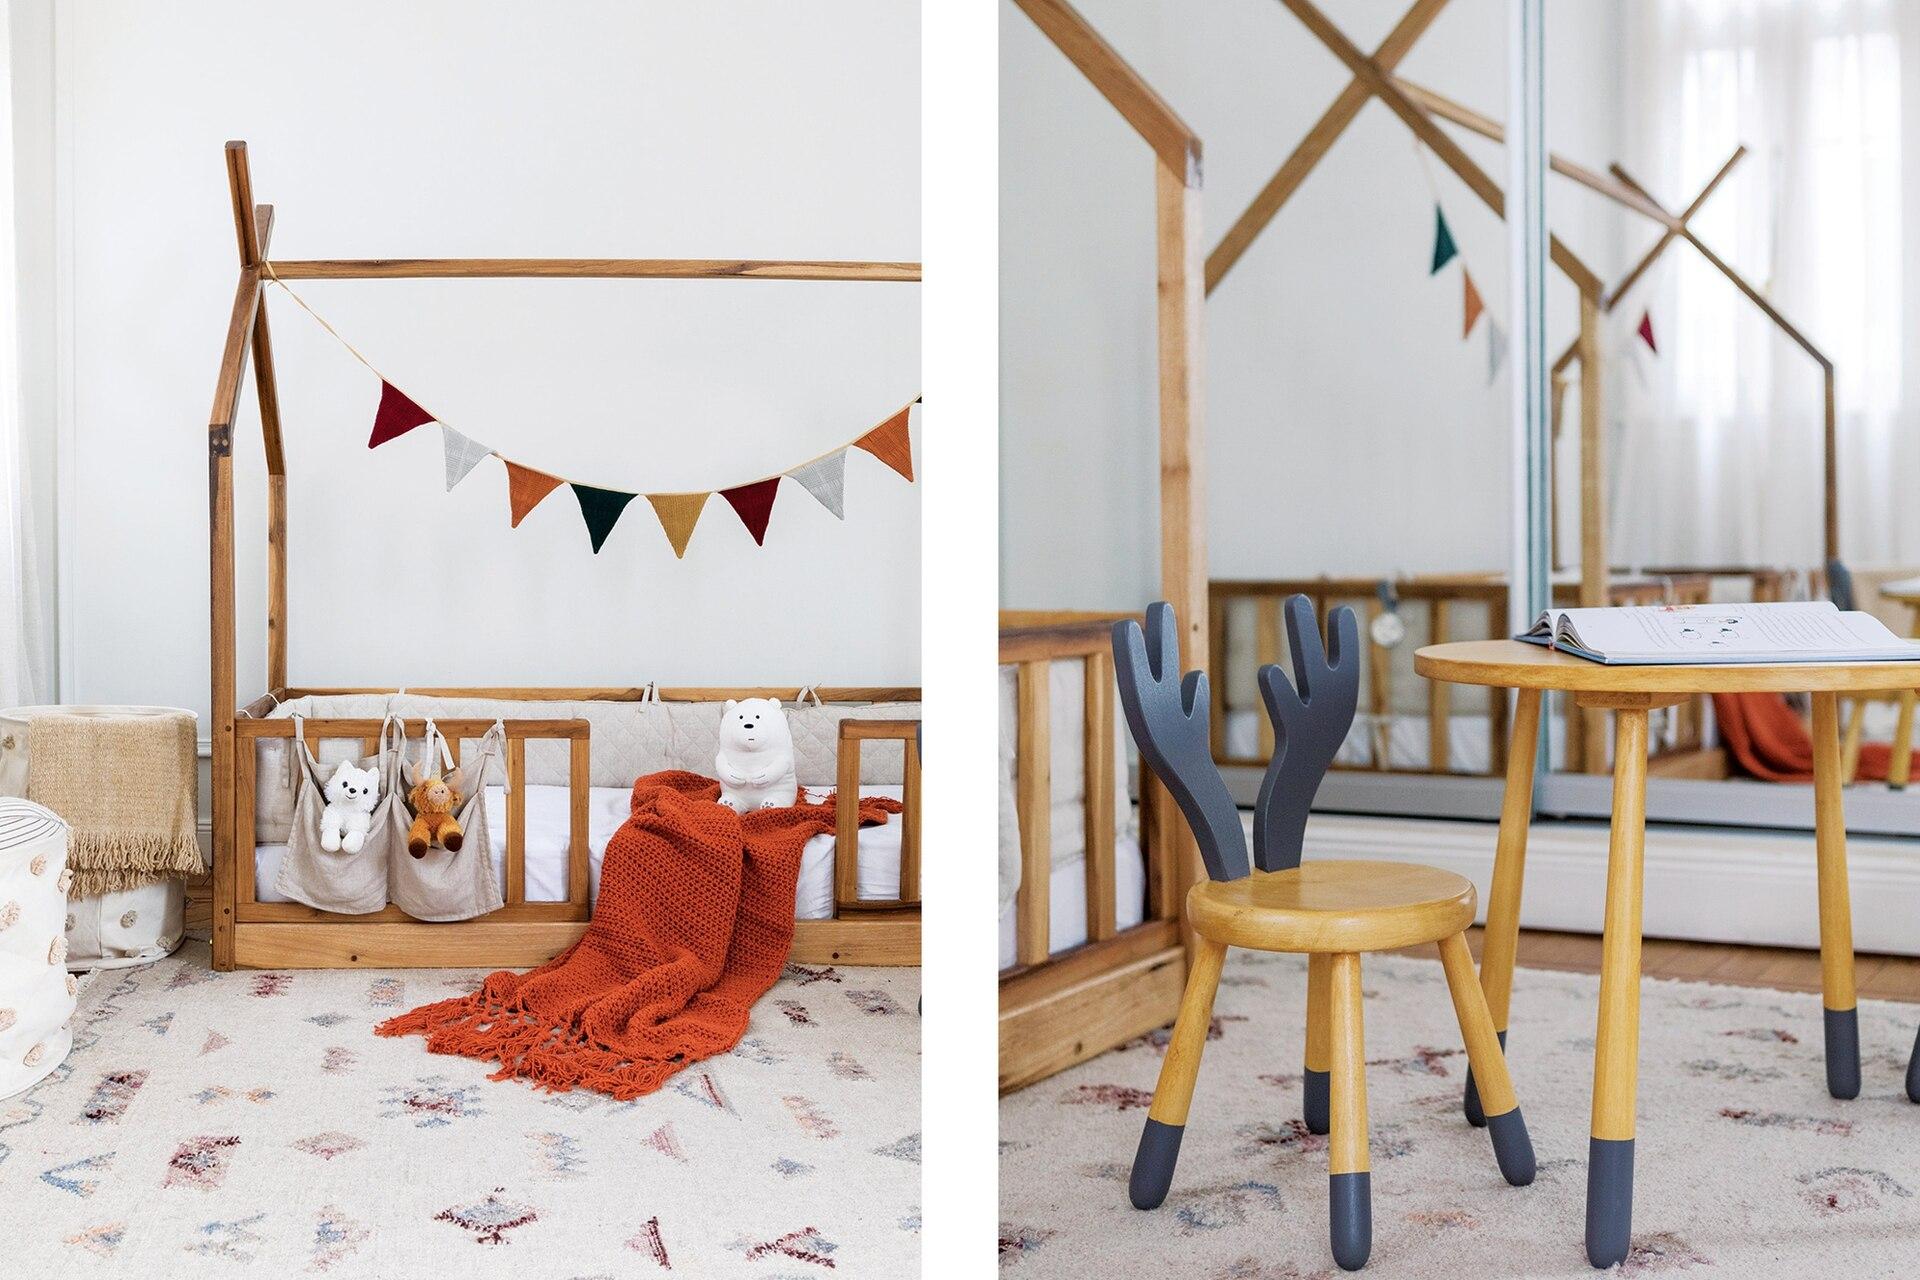 Juego de mesa y sillas infantil y cama 'Casita' (todo, Mercado Libre) con manta tejida en hilo de algodón color ladrillo (Mapuche Hecho a Mano) y bolsas de guardado.